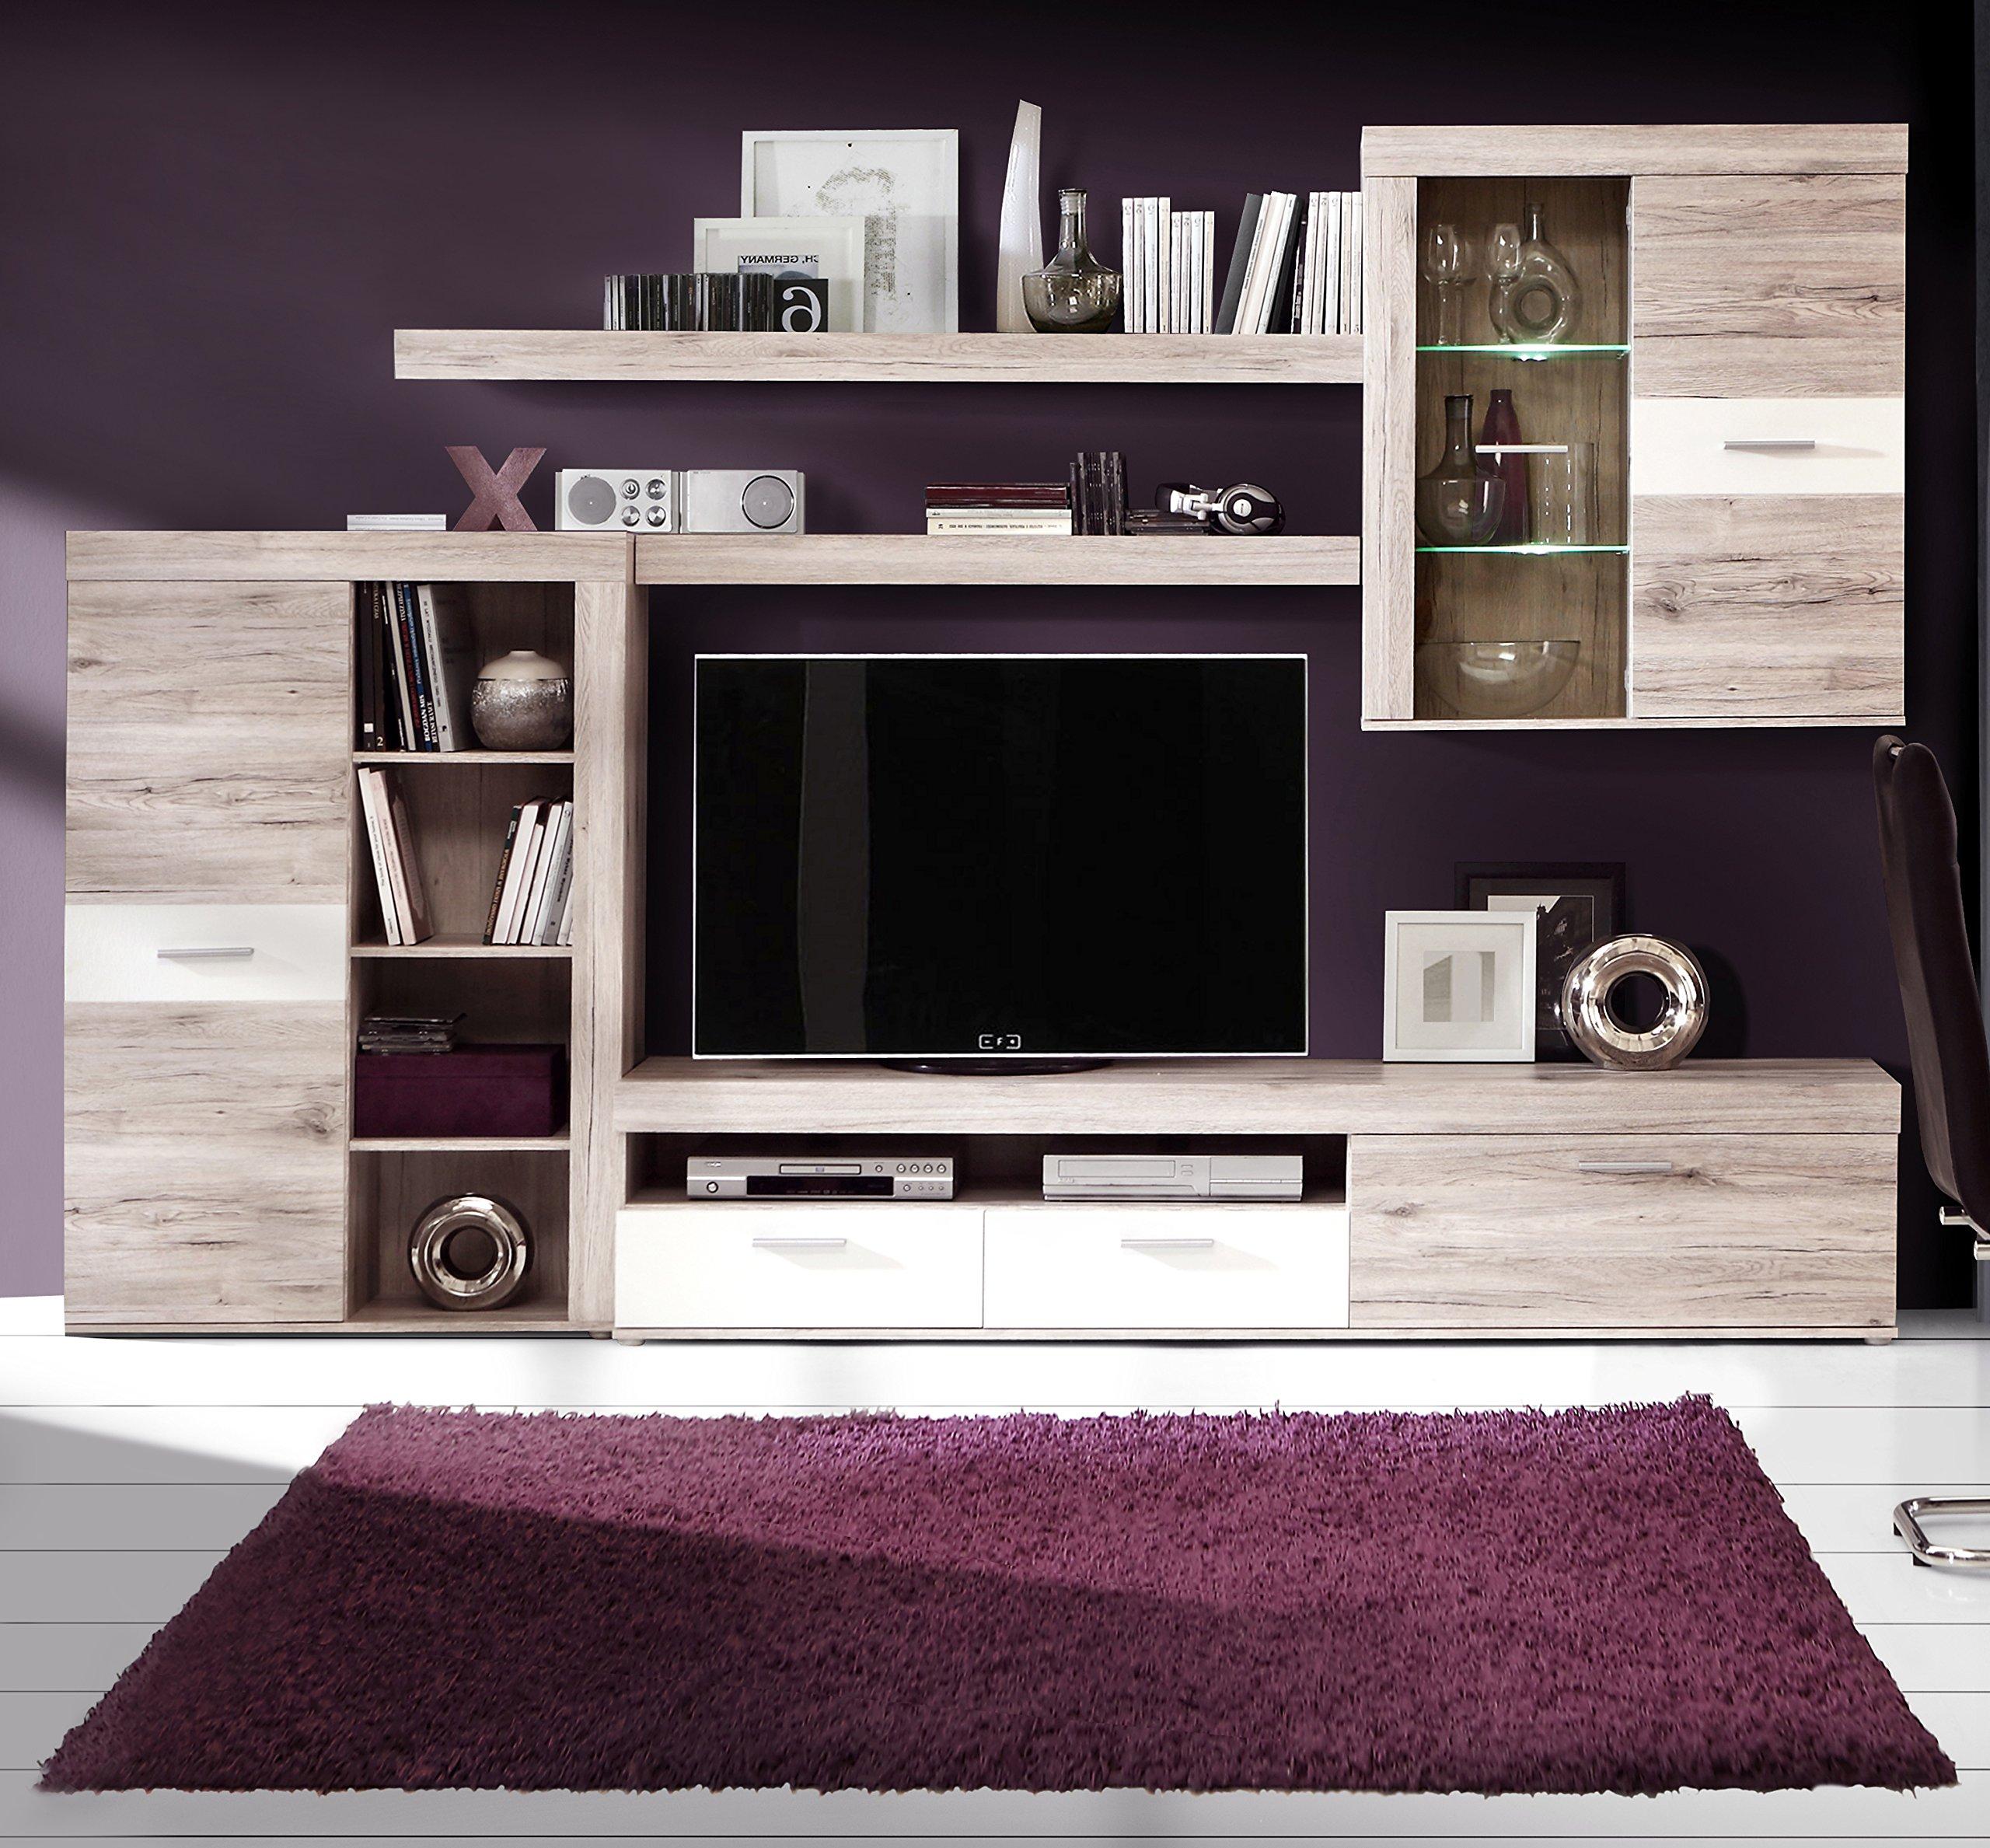 Homely - Mueble de salón Modular Moderno Trama Color Roble y Blanco Mate de 300 cm: Amazon.es: Hogar